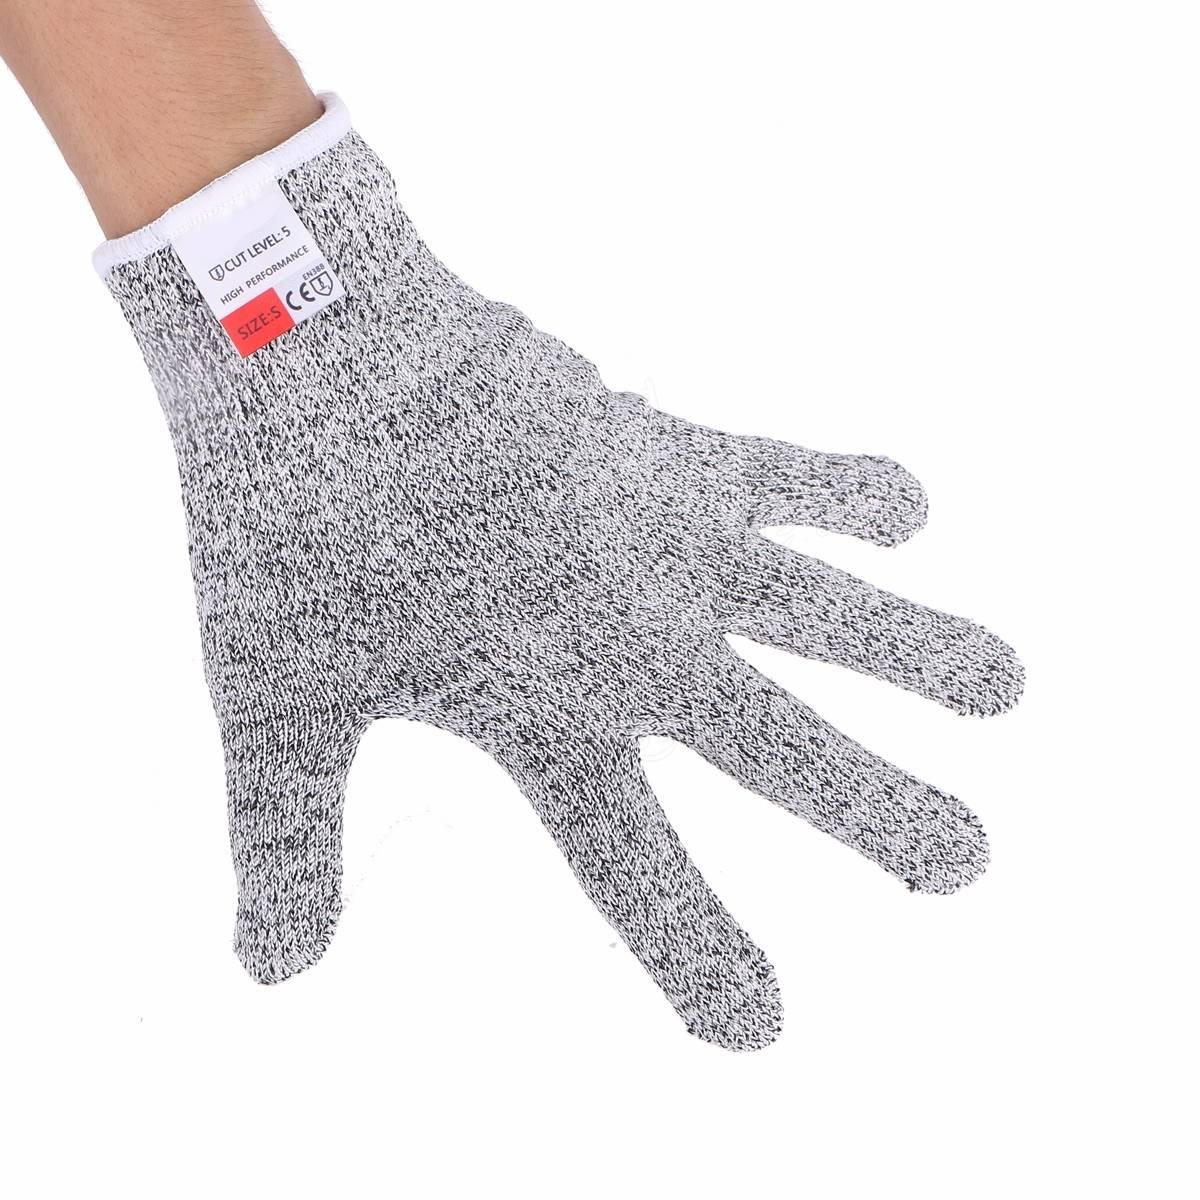 nmsafety schnittschutzhandschuhe arbeitsküche level 5